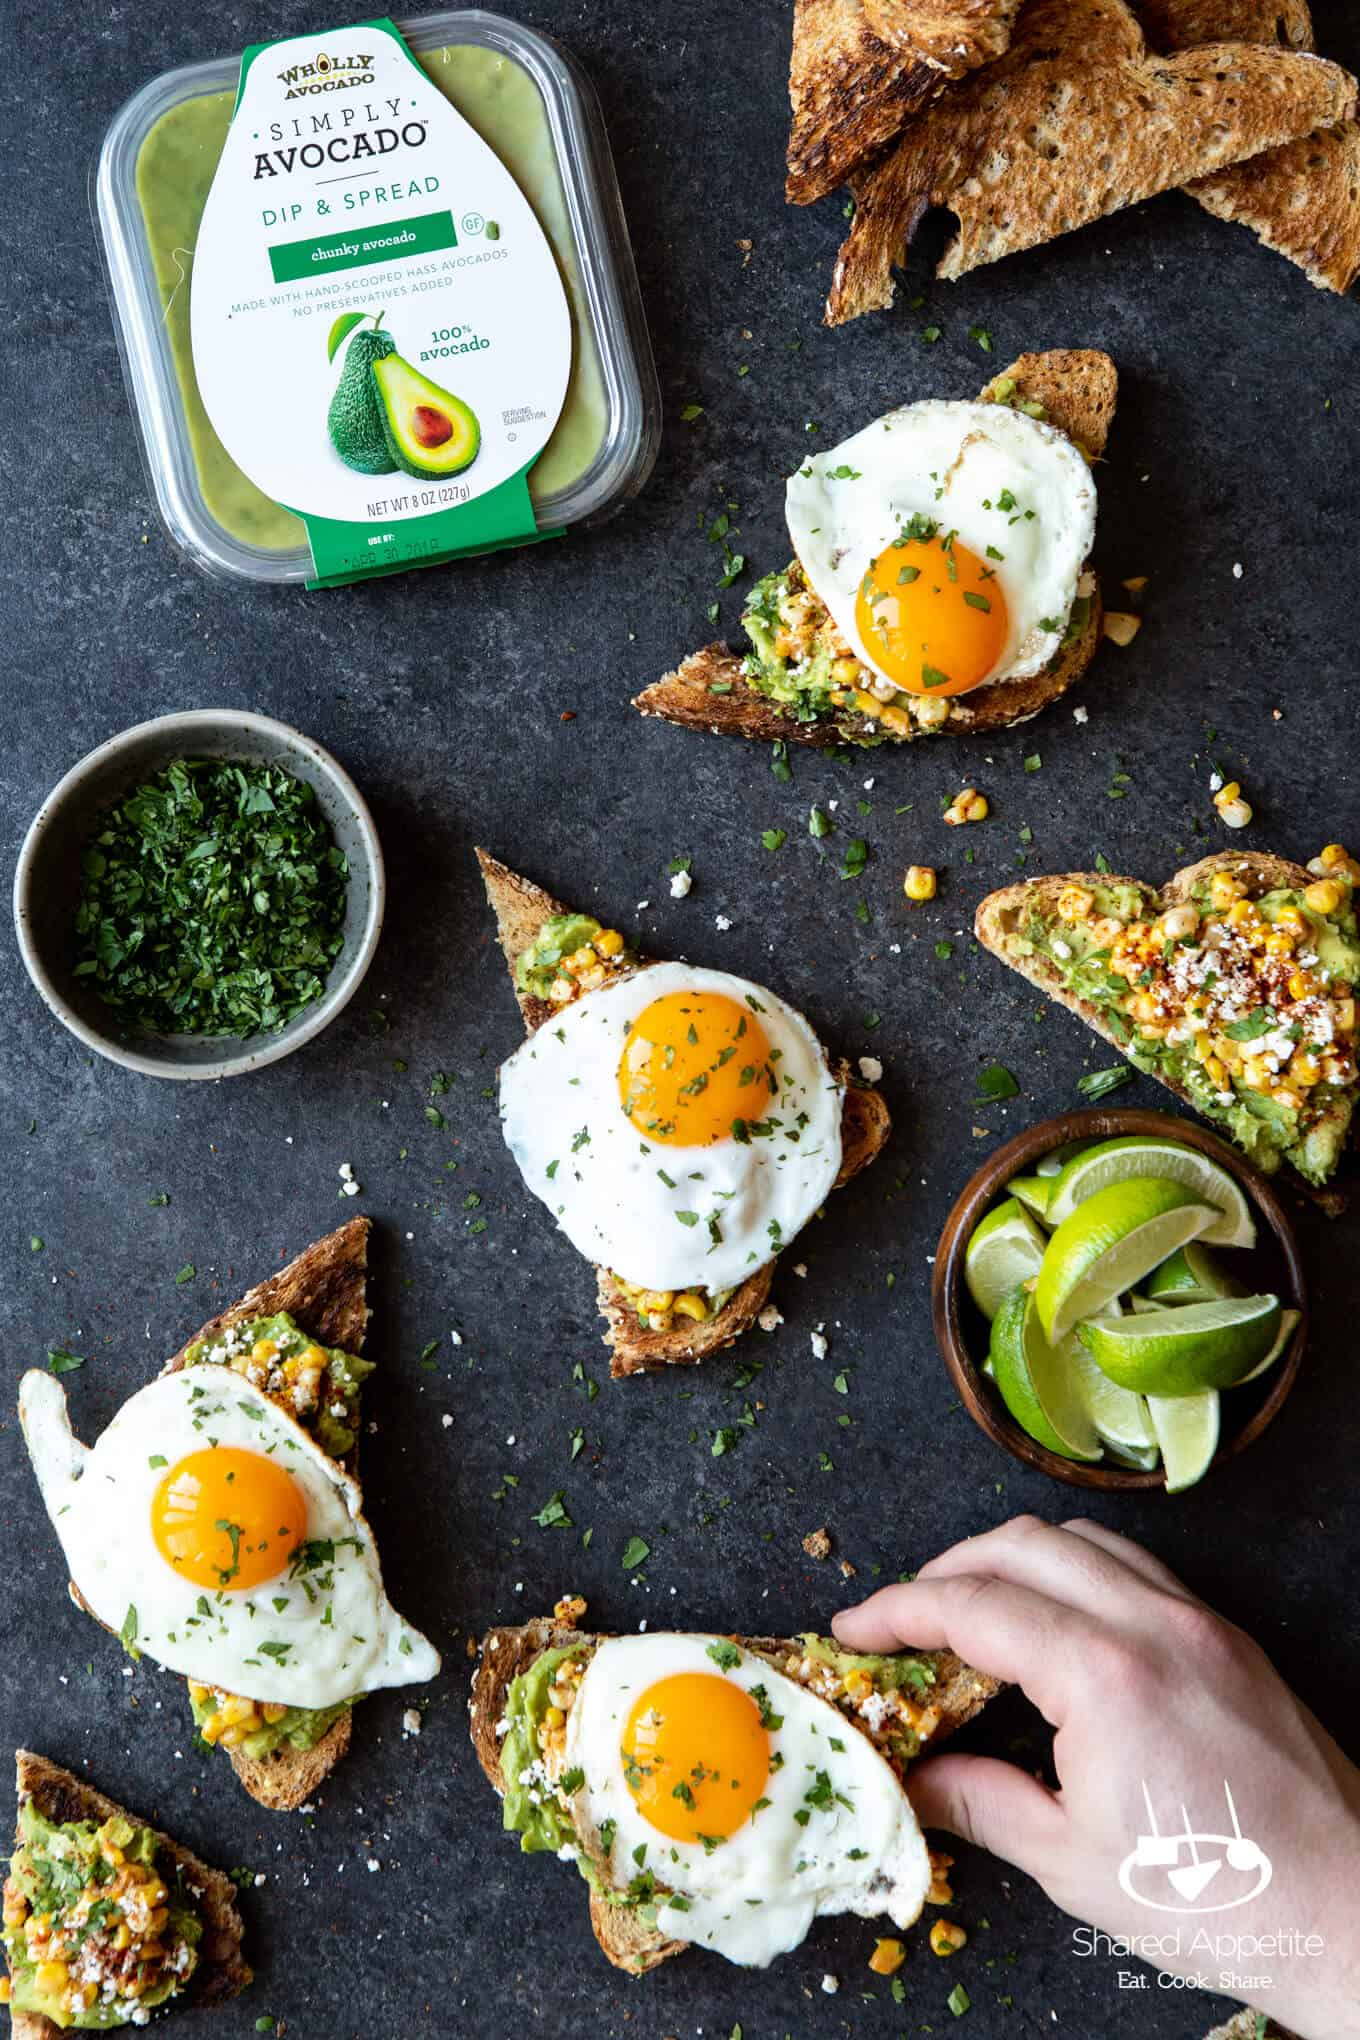 Grabbing an Elotes Avocado Toast with a Fried Egg   sharedappetite.com